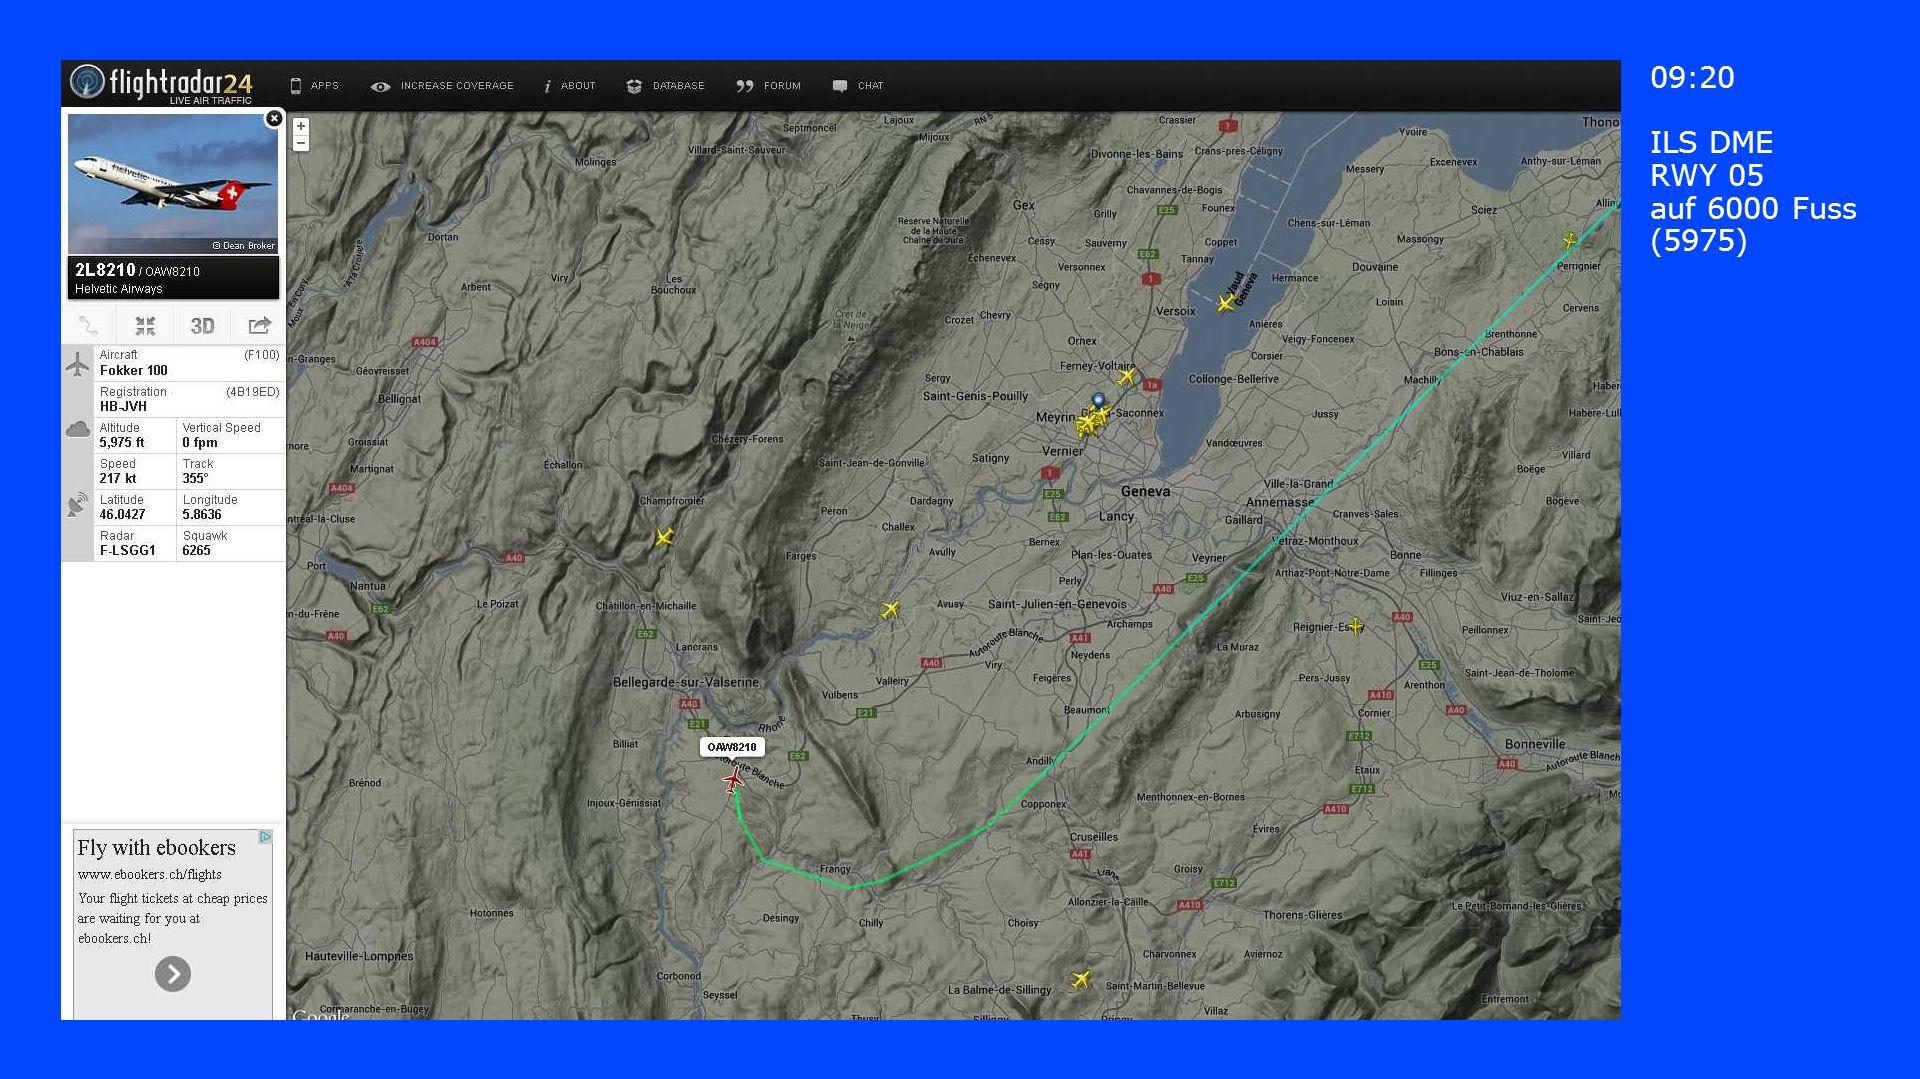 09:20 ILS DME RWY 05 auf 6000 Fuss (5975)